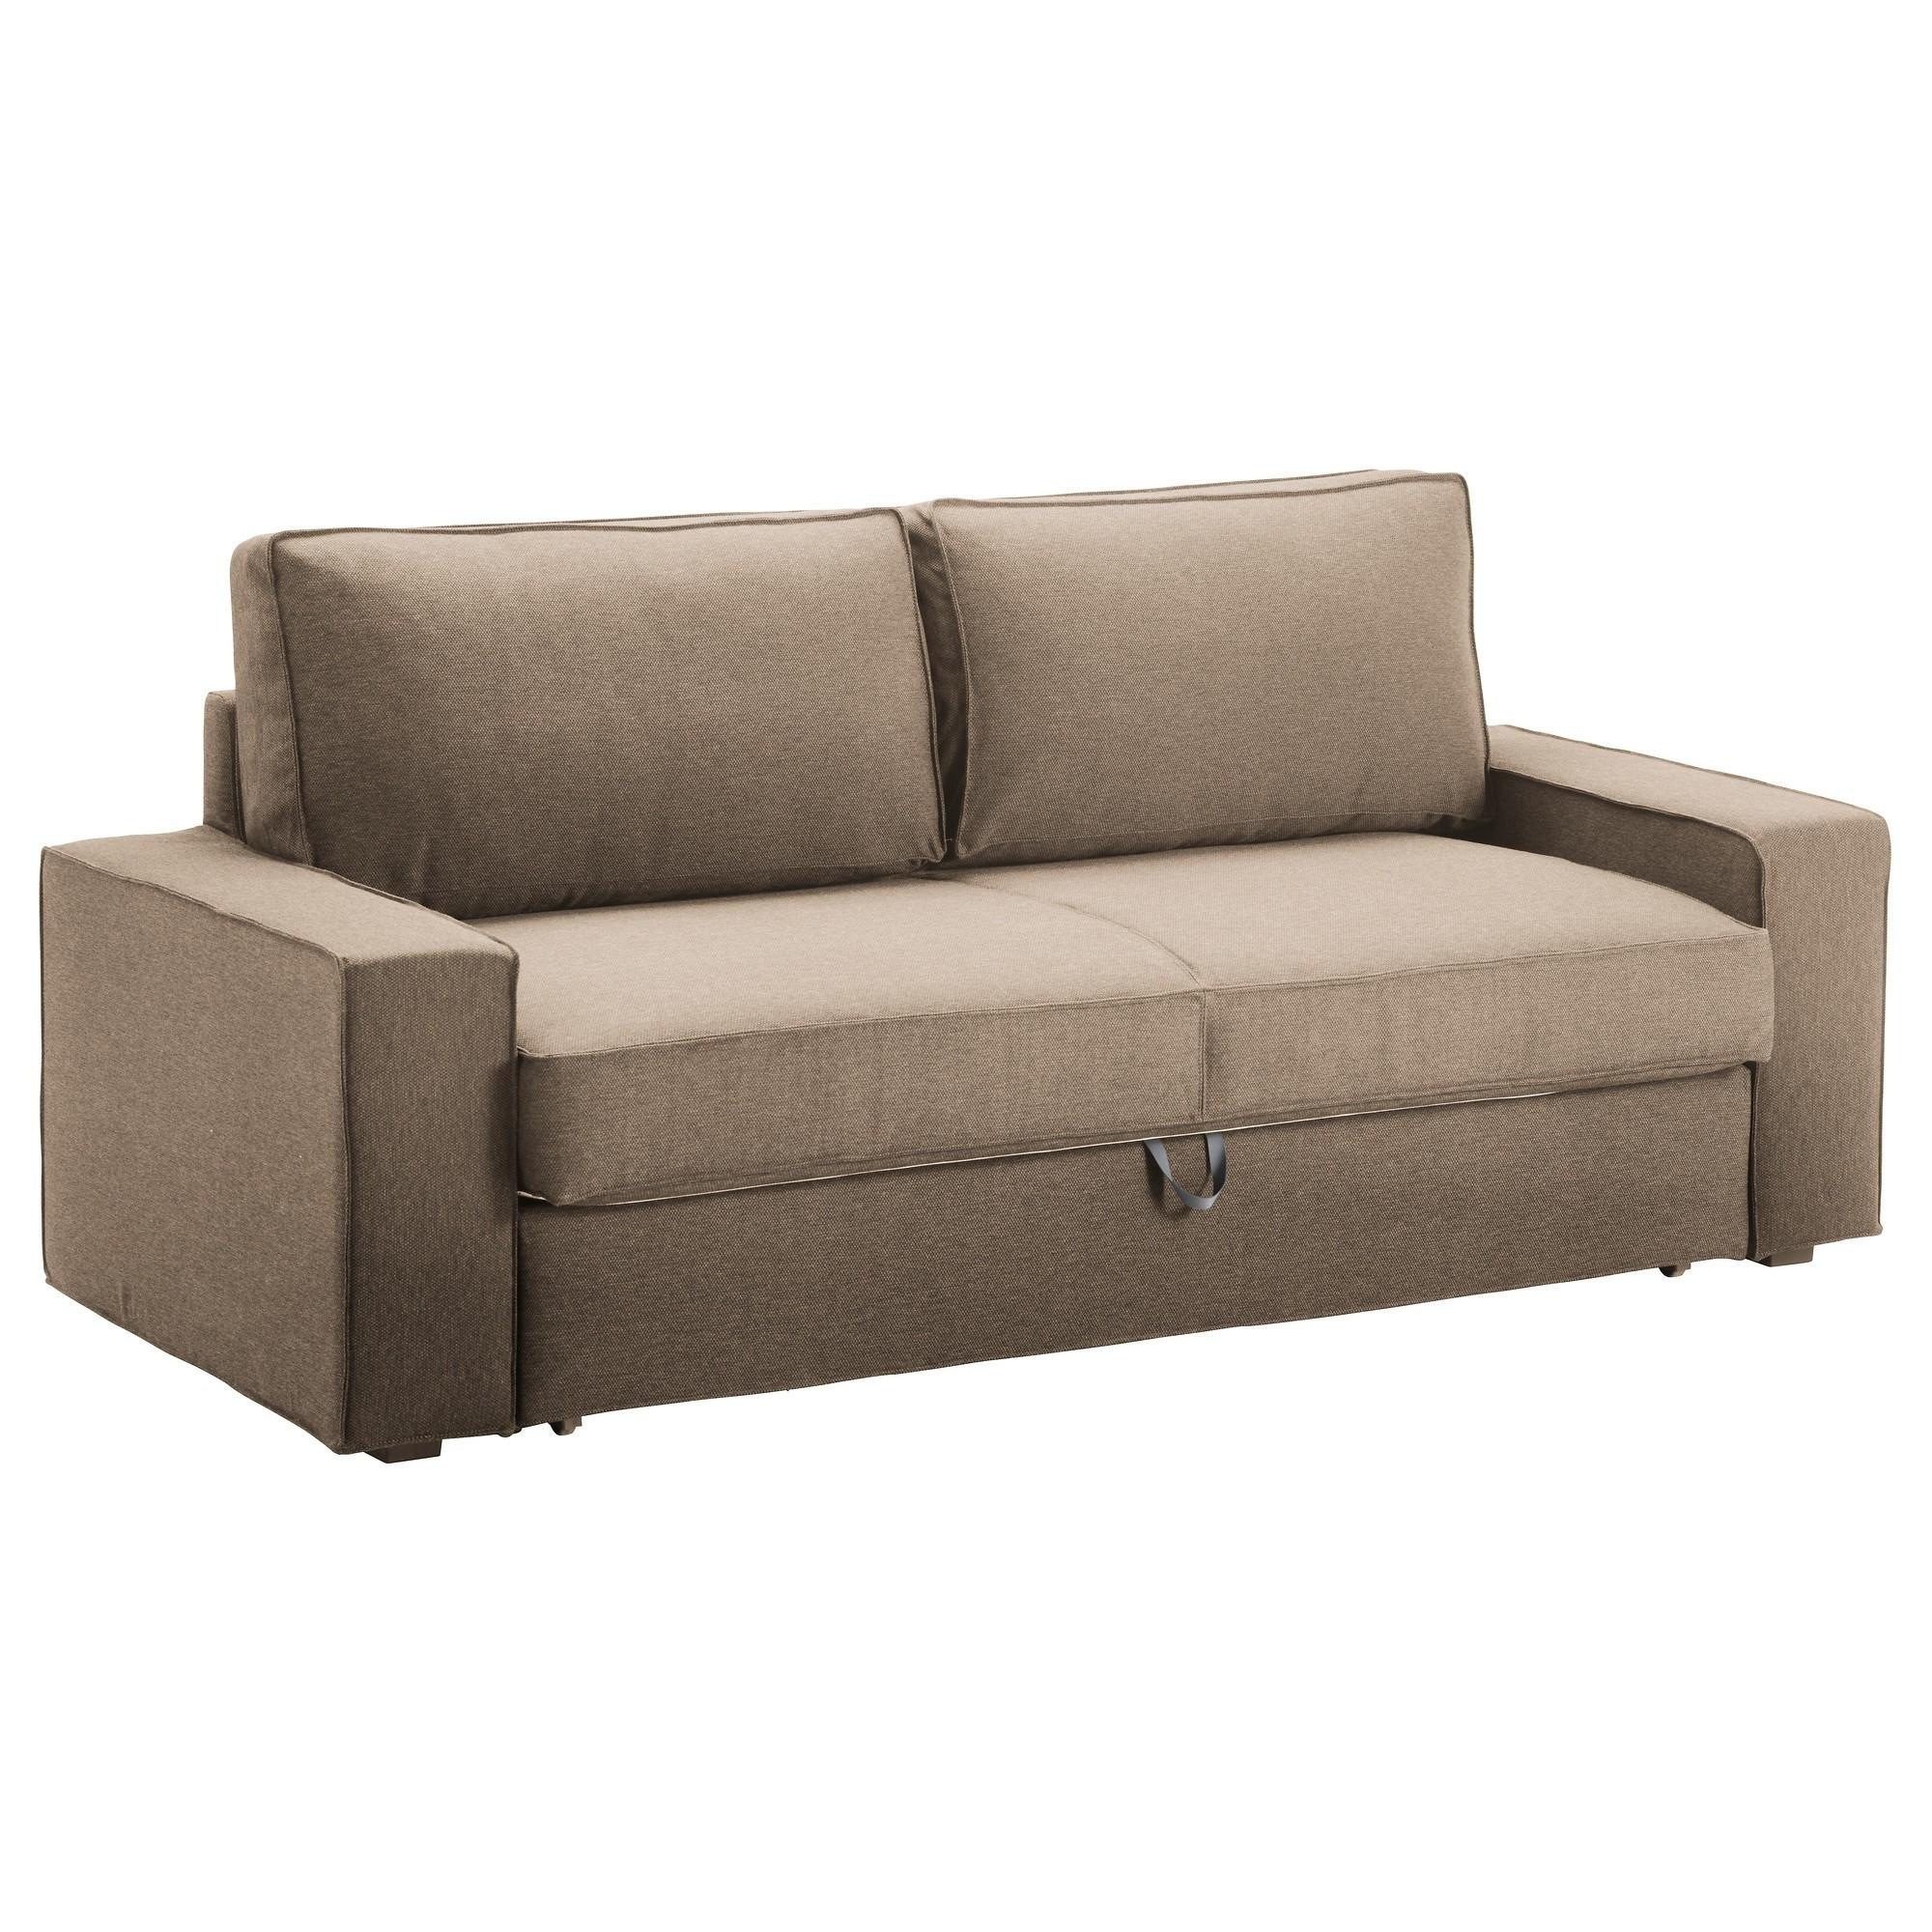 Canapé 4 Places Ikea Impressionnant Photos Loueur En Meublé Non Professionnel Elegant Meuble Canap 4 Dessus